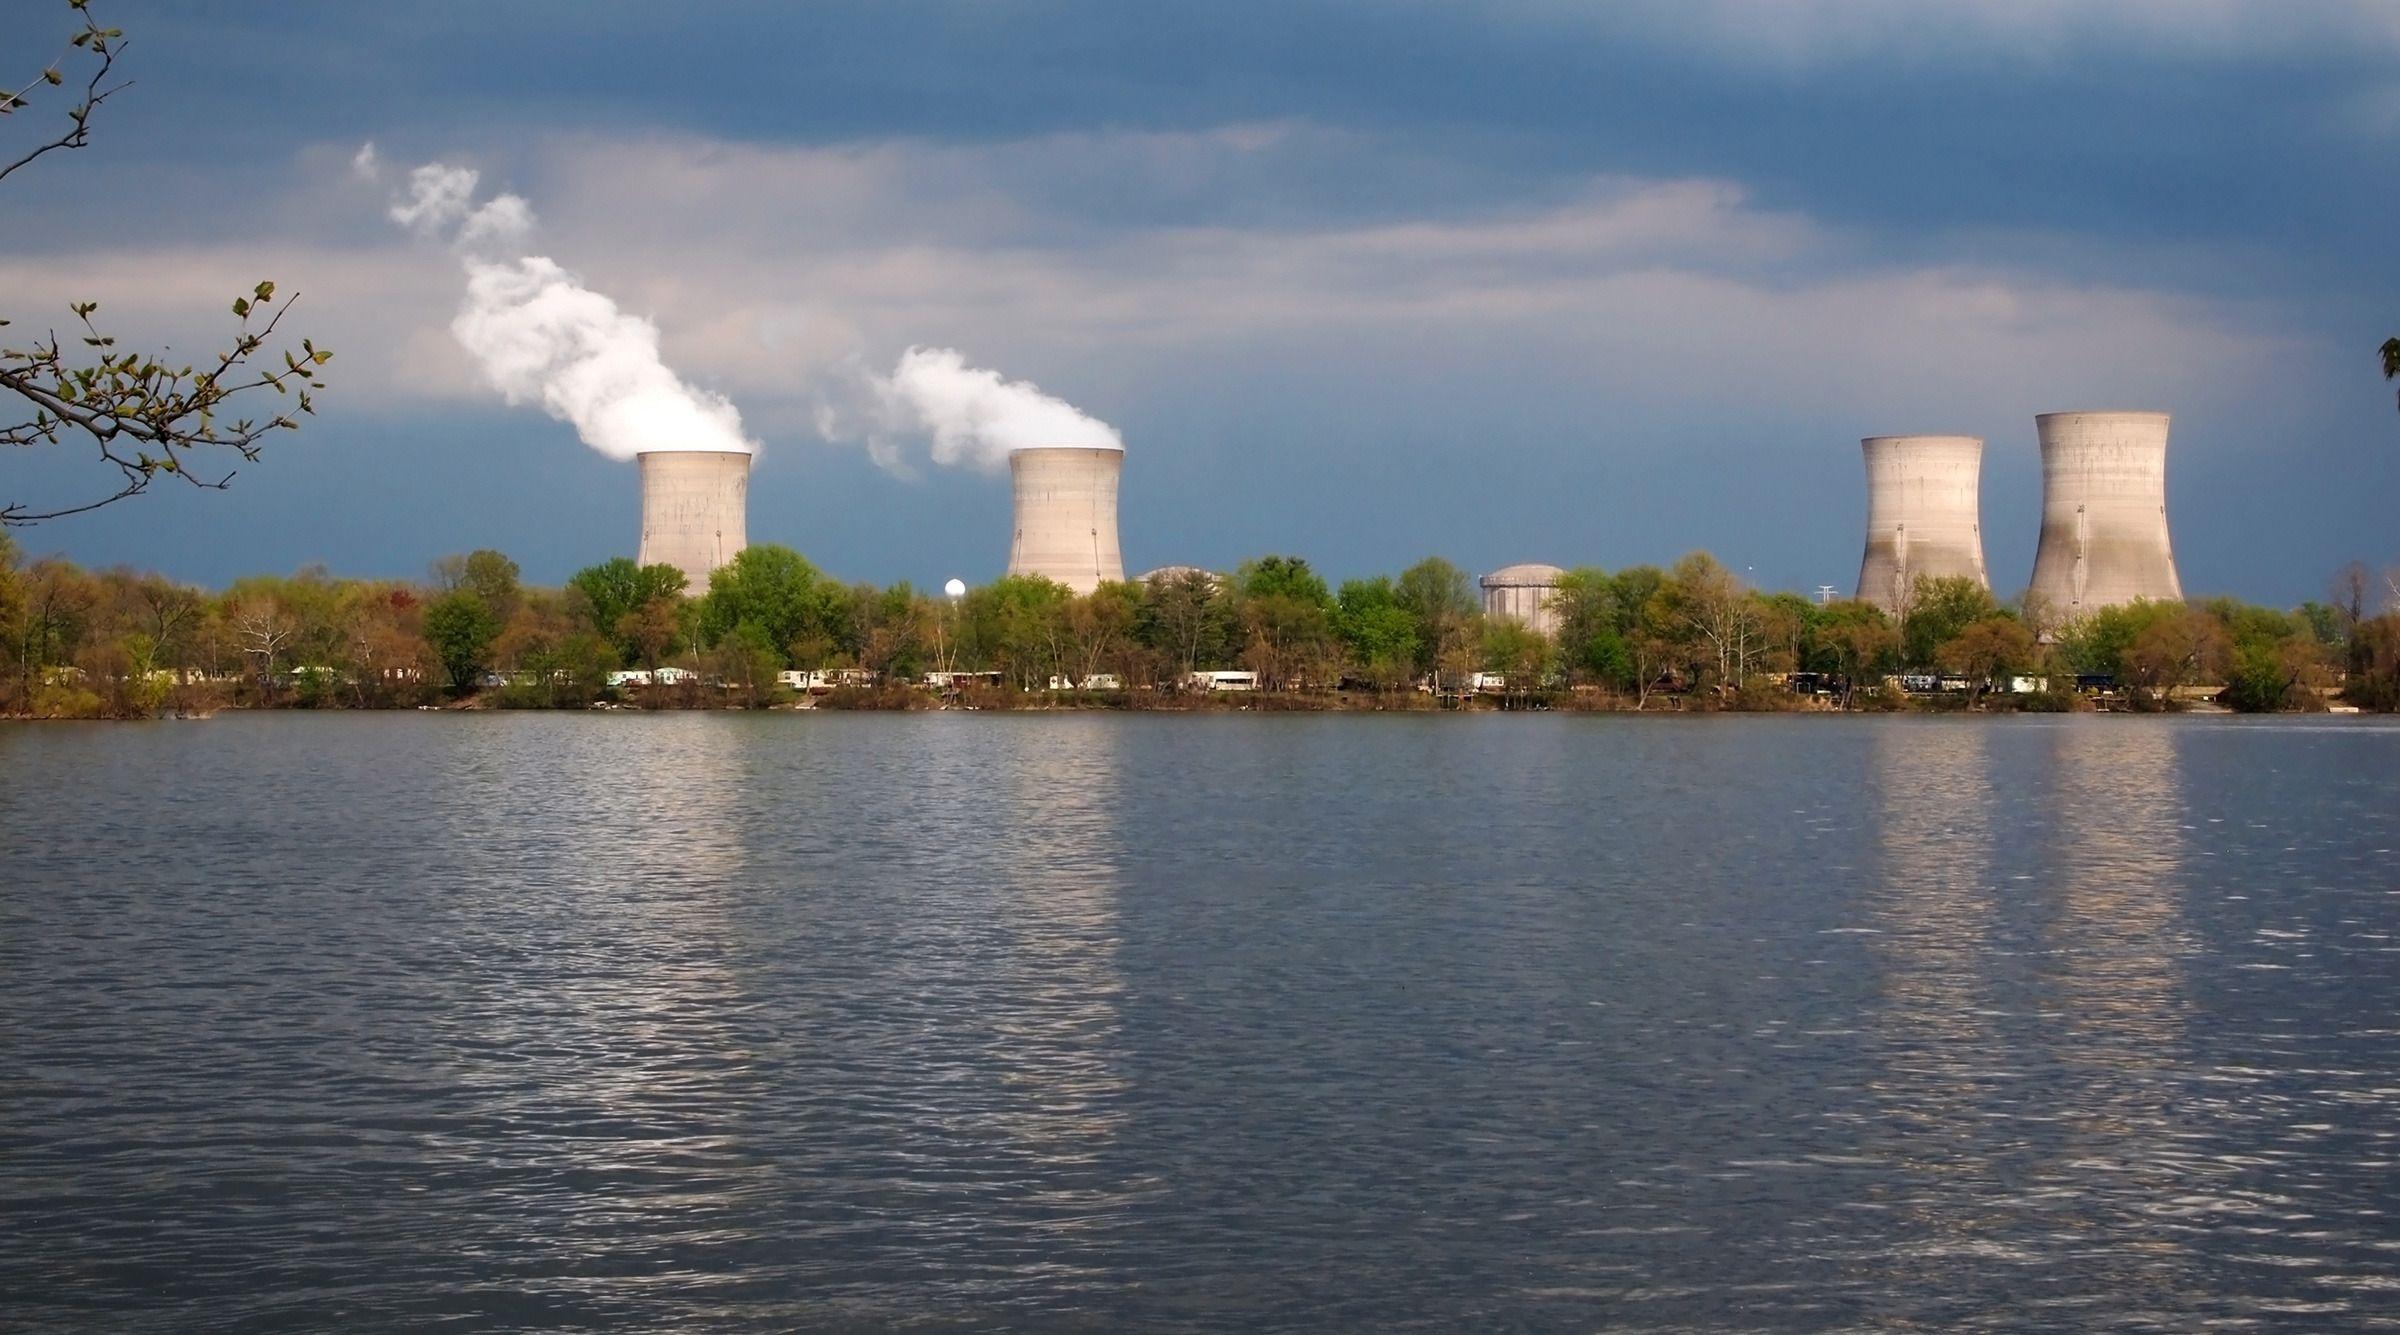 Thee Mile Island-kraftverket var i 1979 åstedet for USAs mest alvorlige atomulykke. En kombinasjon av menneskelige feil, mekaniske feil, designproblemer og svak opplæring førte til at en reaktorkjerne delvis smeltet, og radioaktivt materiale lakk ut i nærmiljøet.Foto: Duckeesue/Shutterstock, 190862390